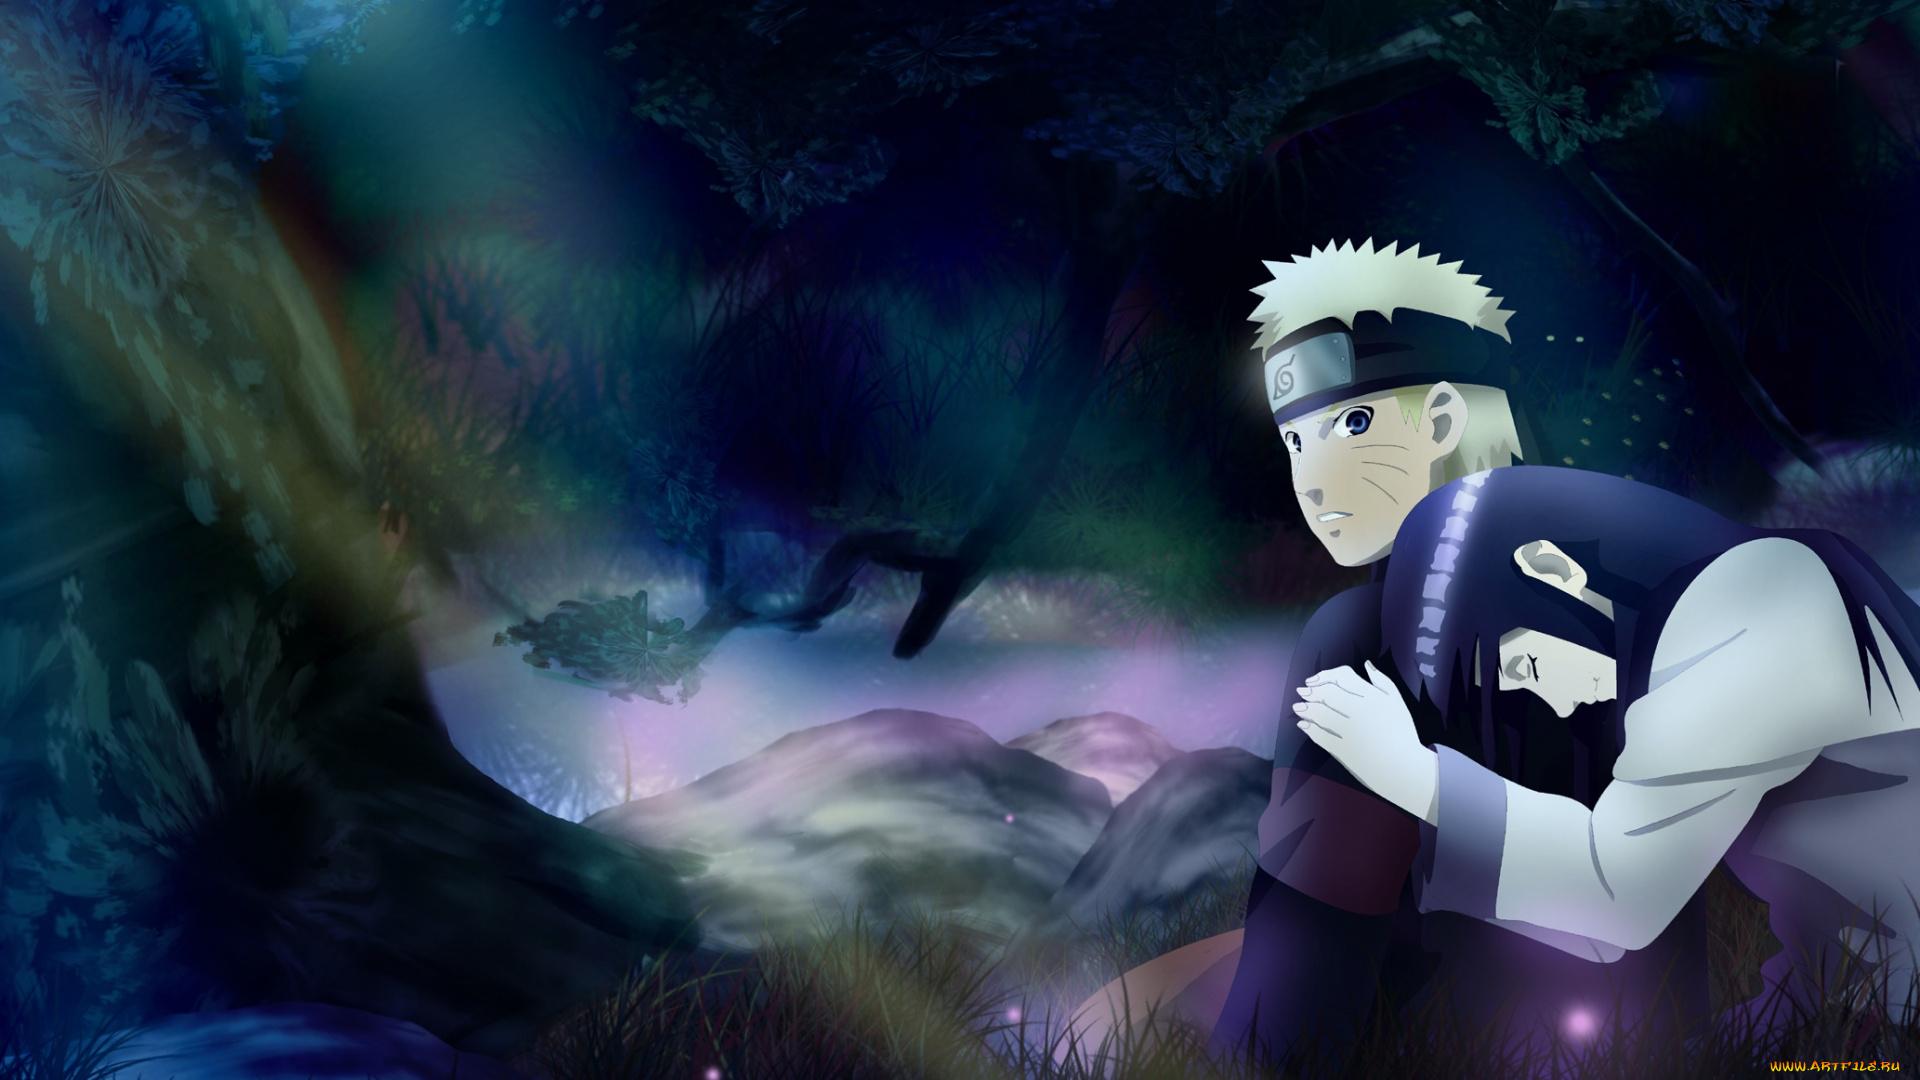 Naruto and hinata wallpaper hd 109 wallpapers hd - 4k kiss wallpaper ...